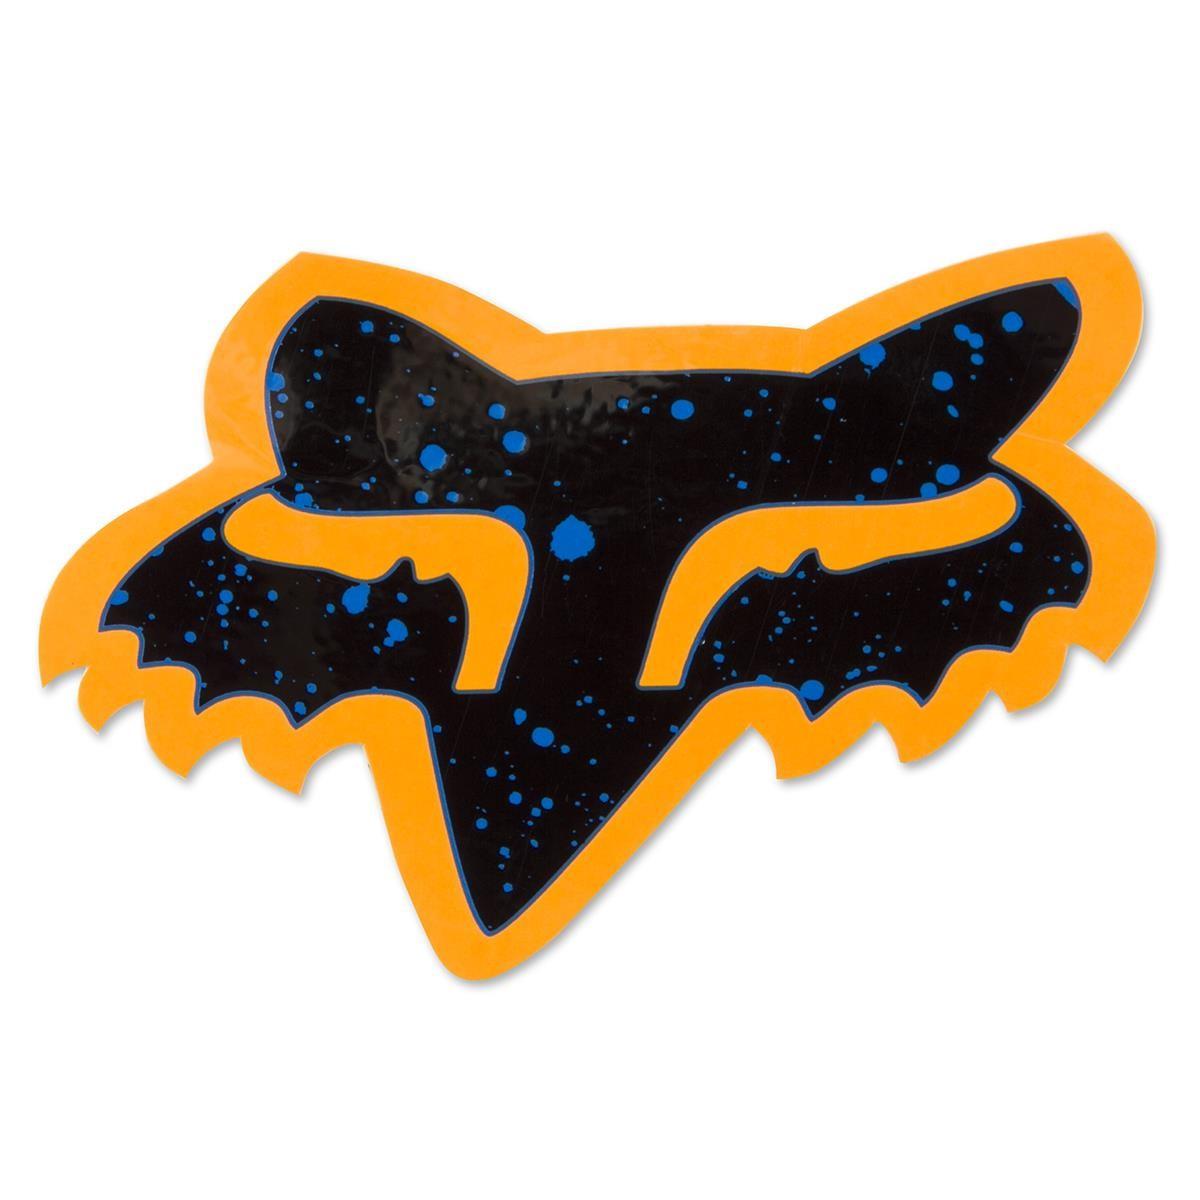 Fox Sticker Splatter Orange/Blau - 10 cm